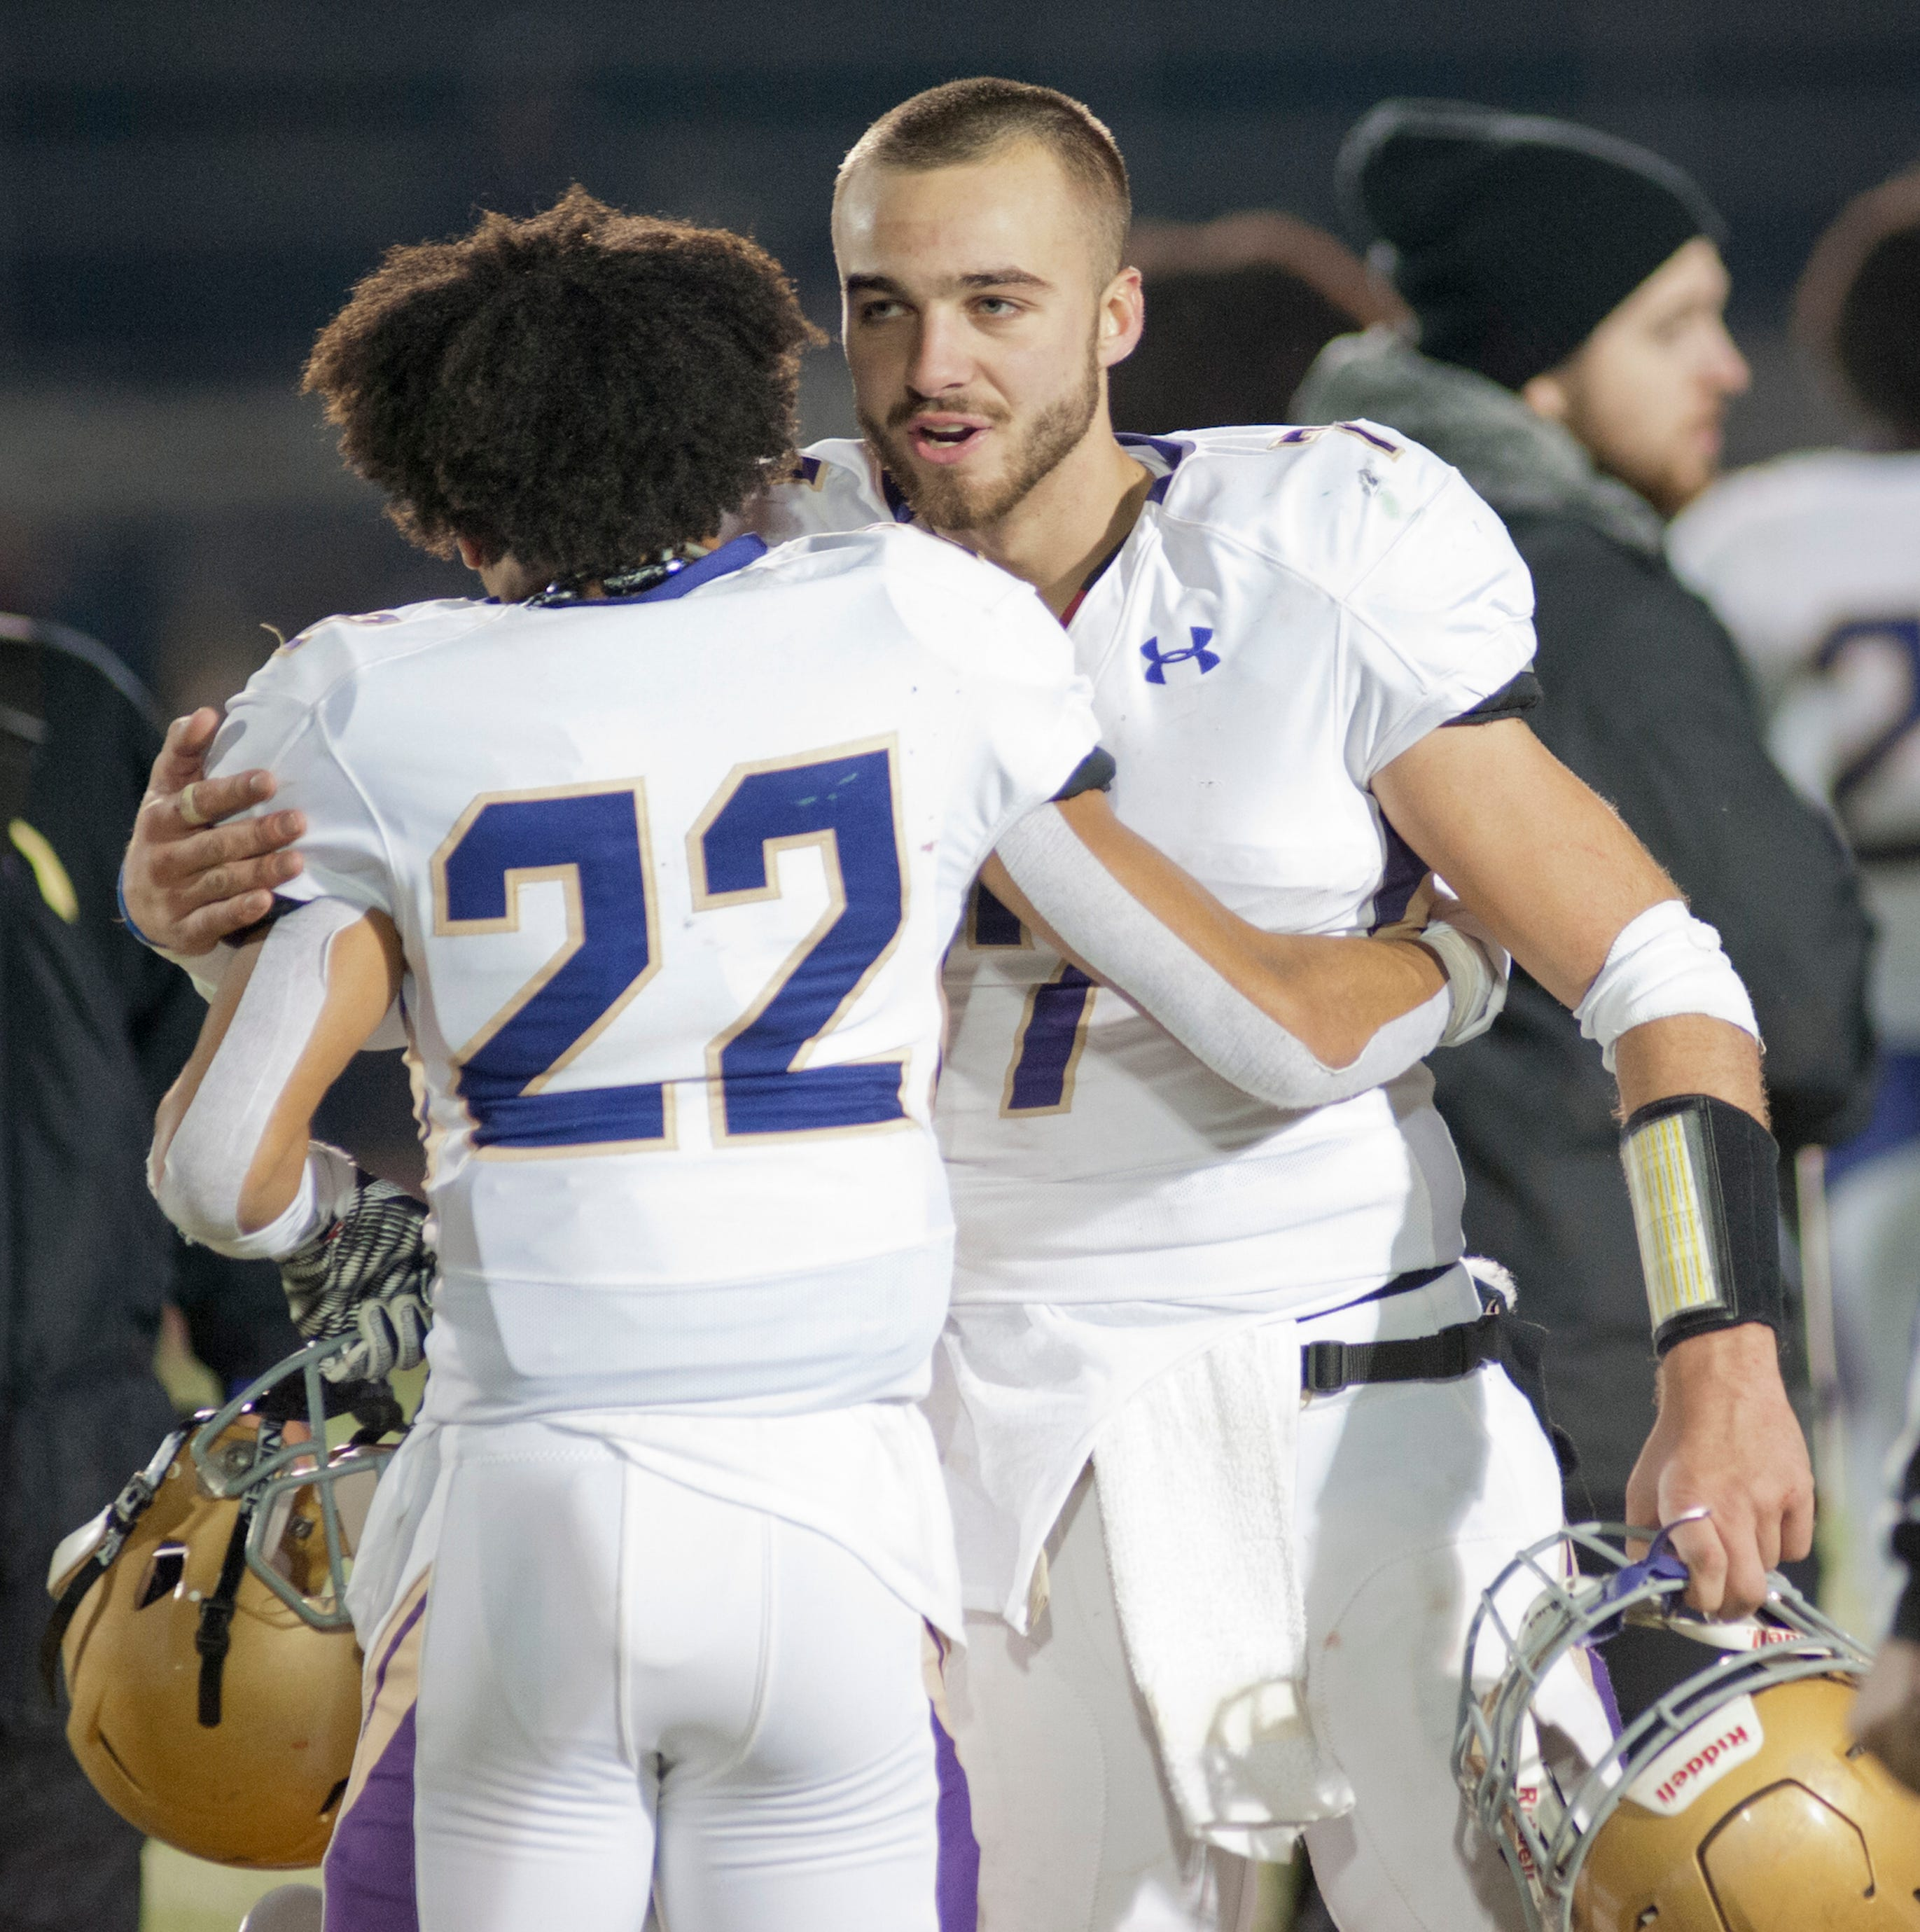 Pairings set for Kentucky high school football state semifinals, finals